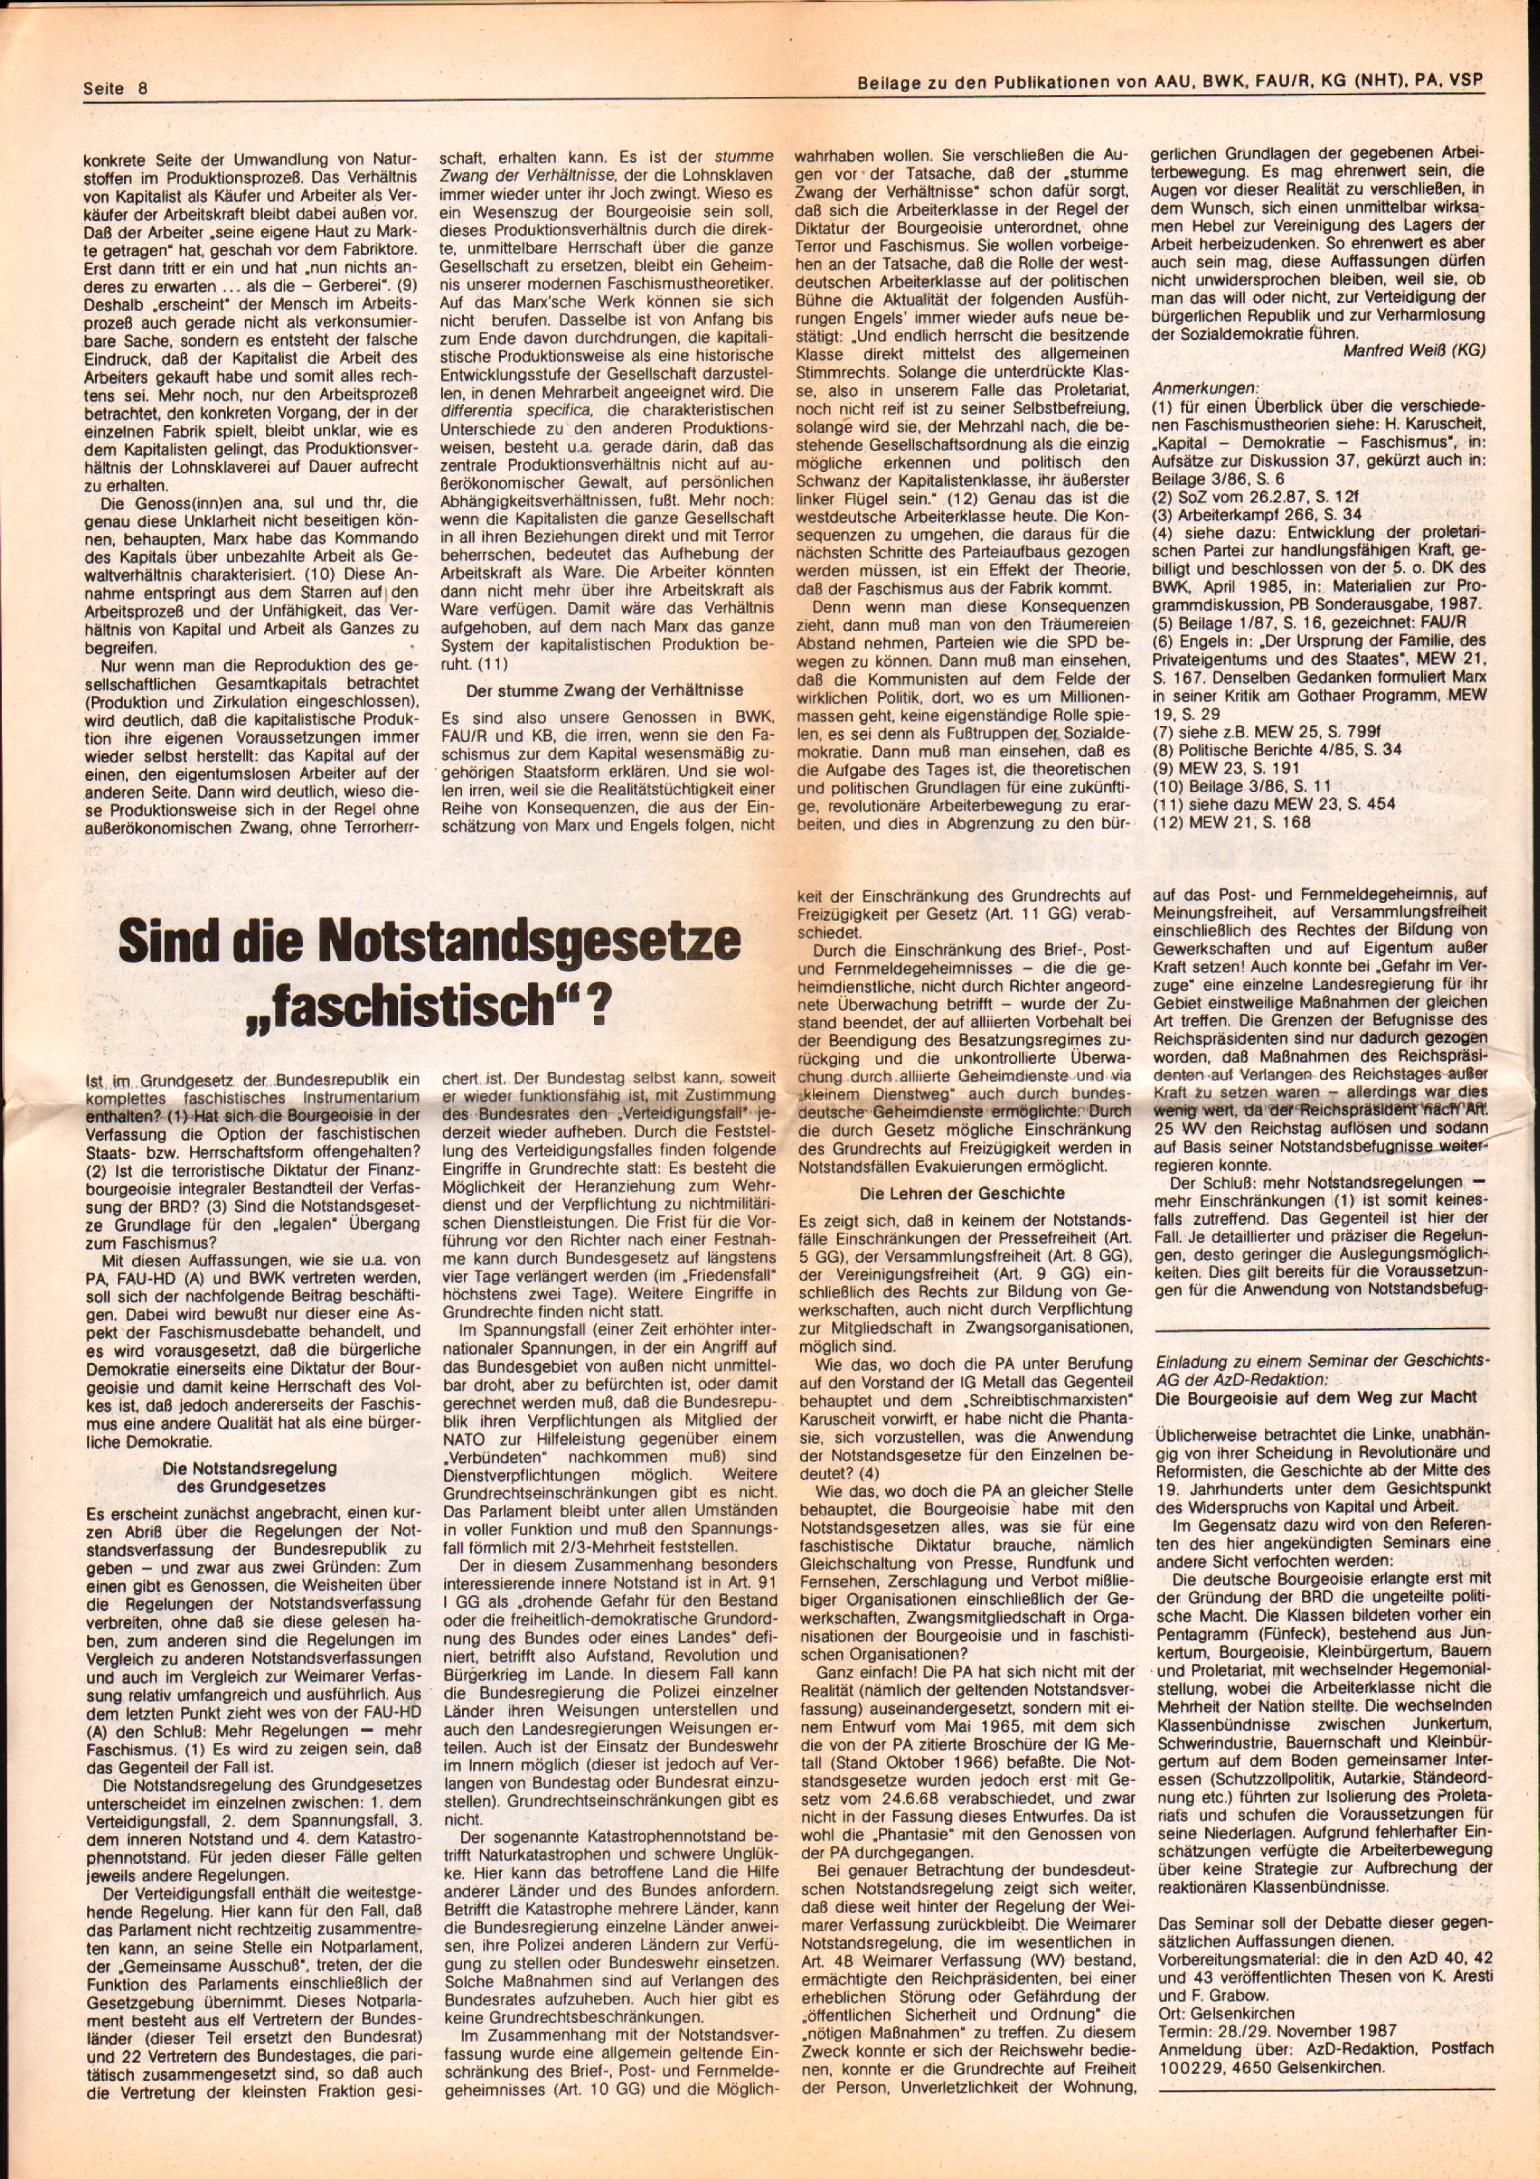 Gemeinsame_Beilage_1987_03_08